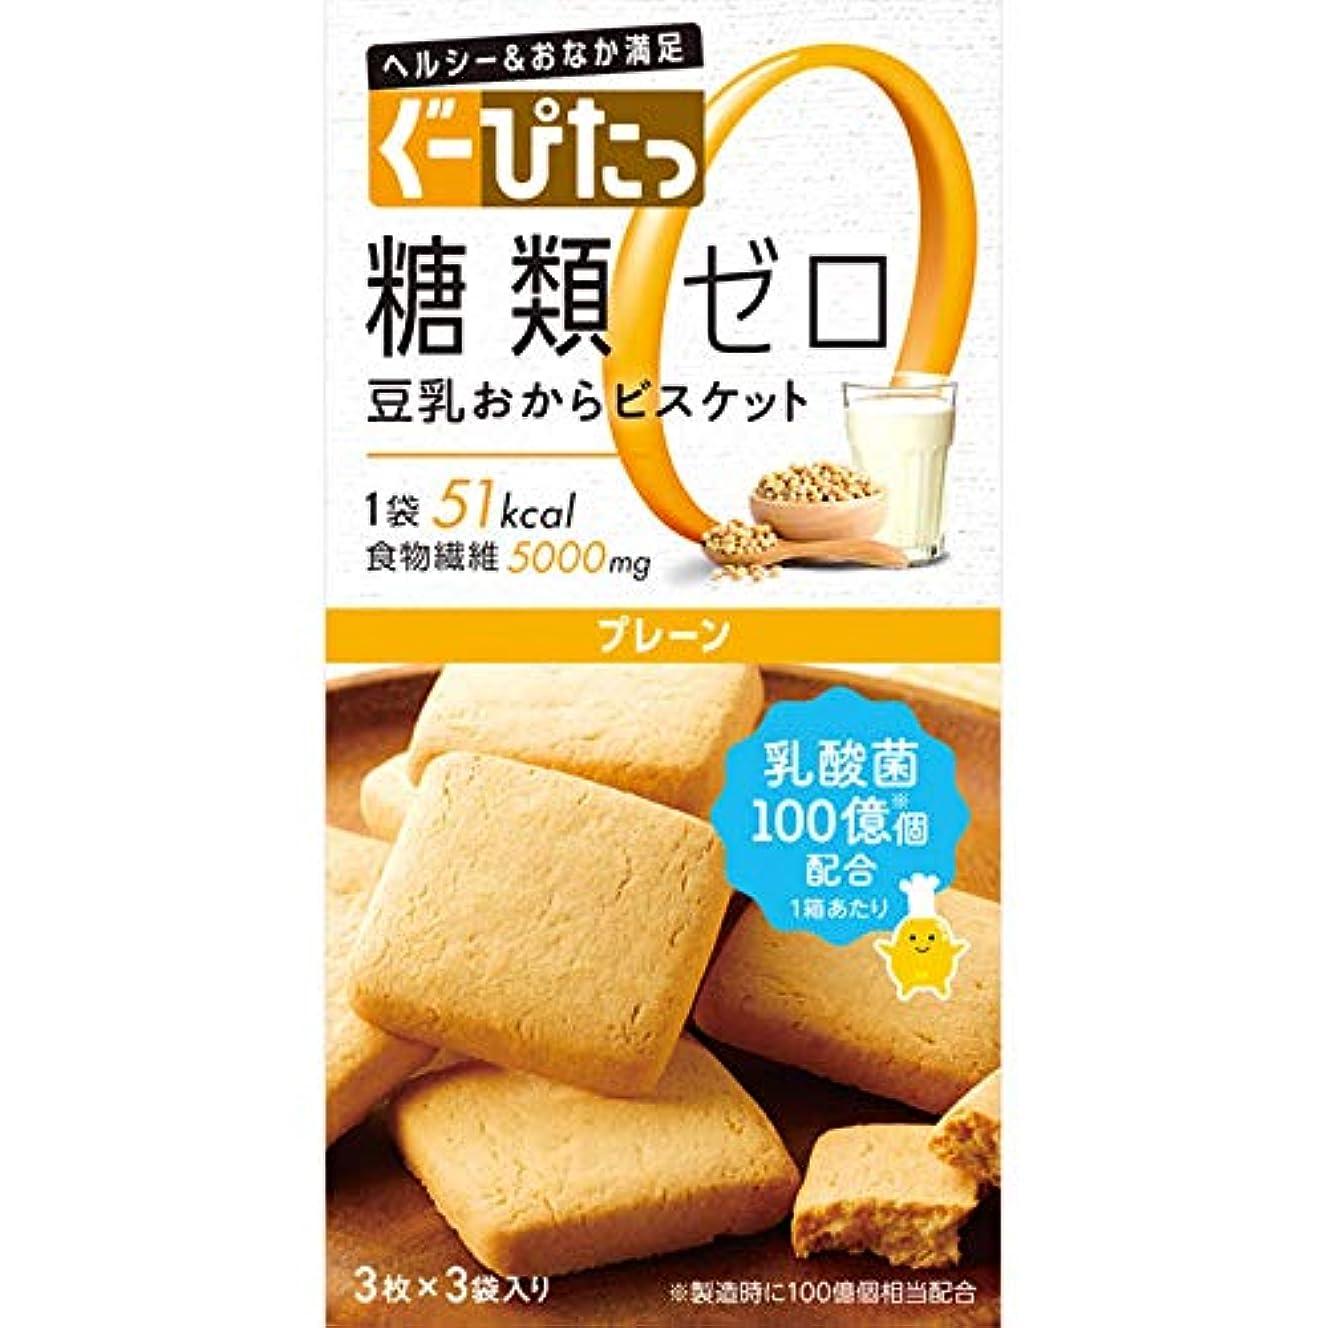 毛皮かりてオーラルナリスアップ ぐーぴたっ 豆乳おからビスケット プレーン (3枚×3袋) ダイエット食品